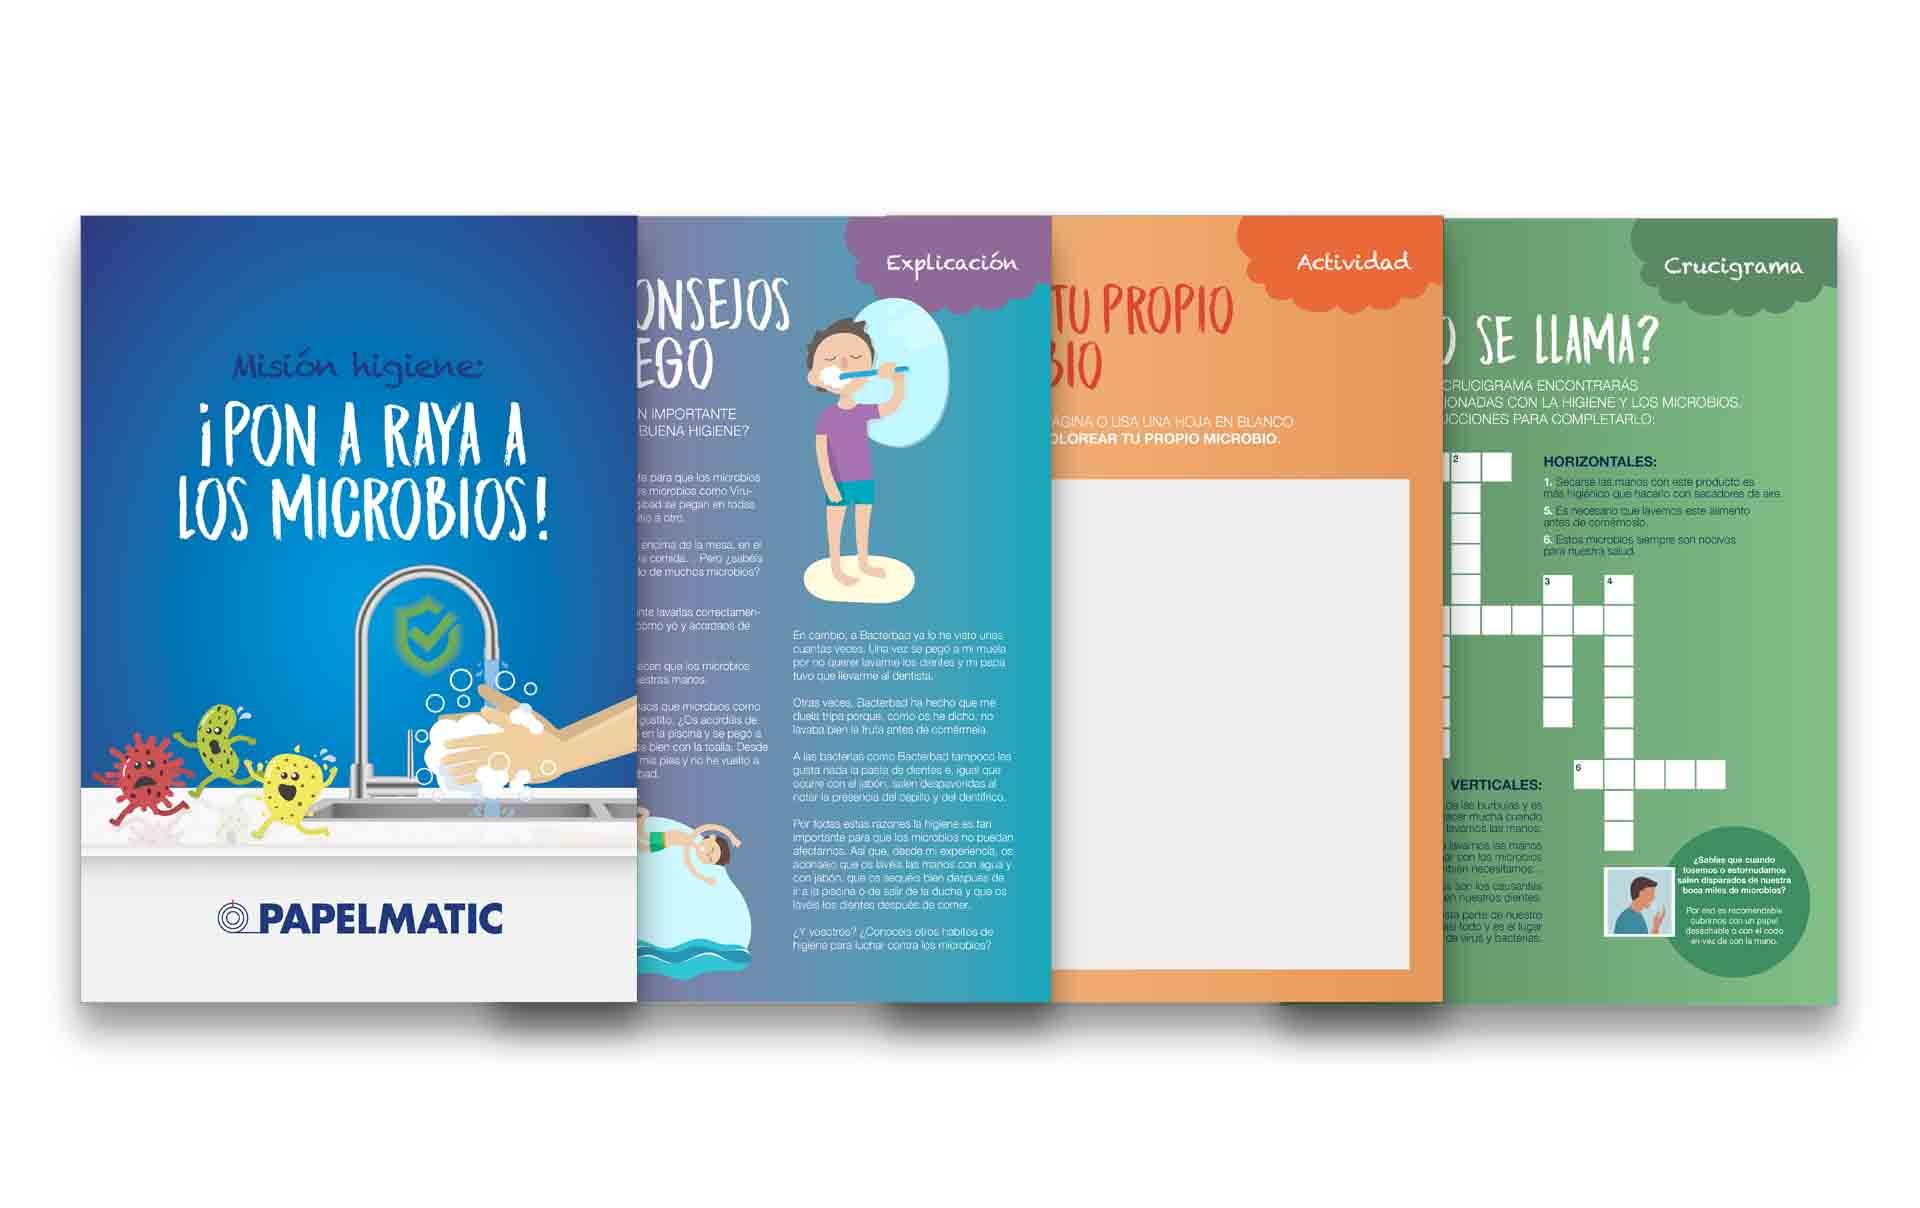 papelmatic-higiene-profesional-guia-higiene-colegios